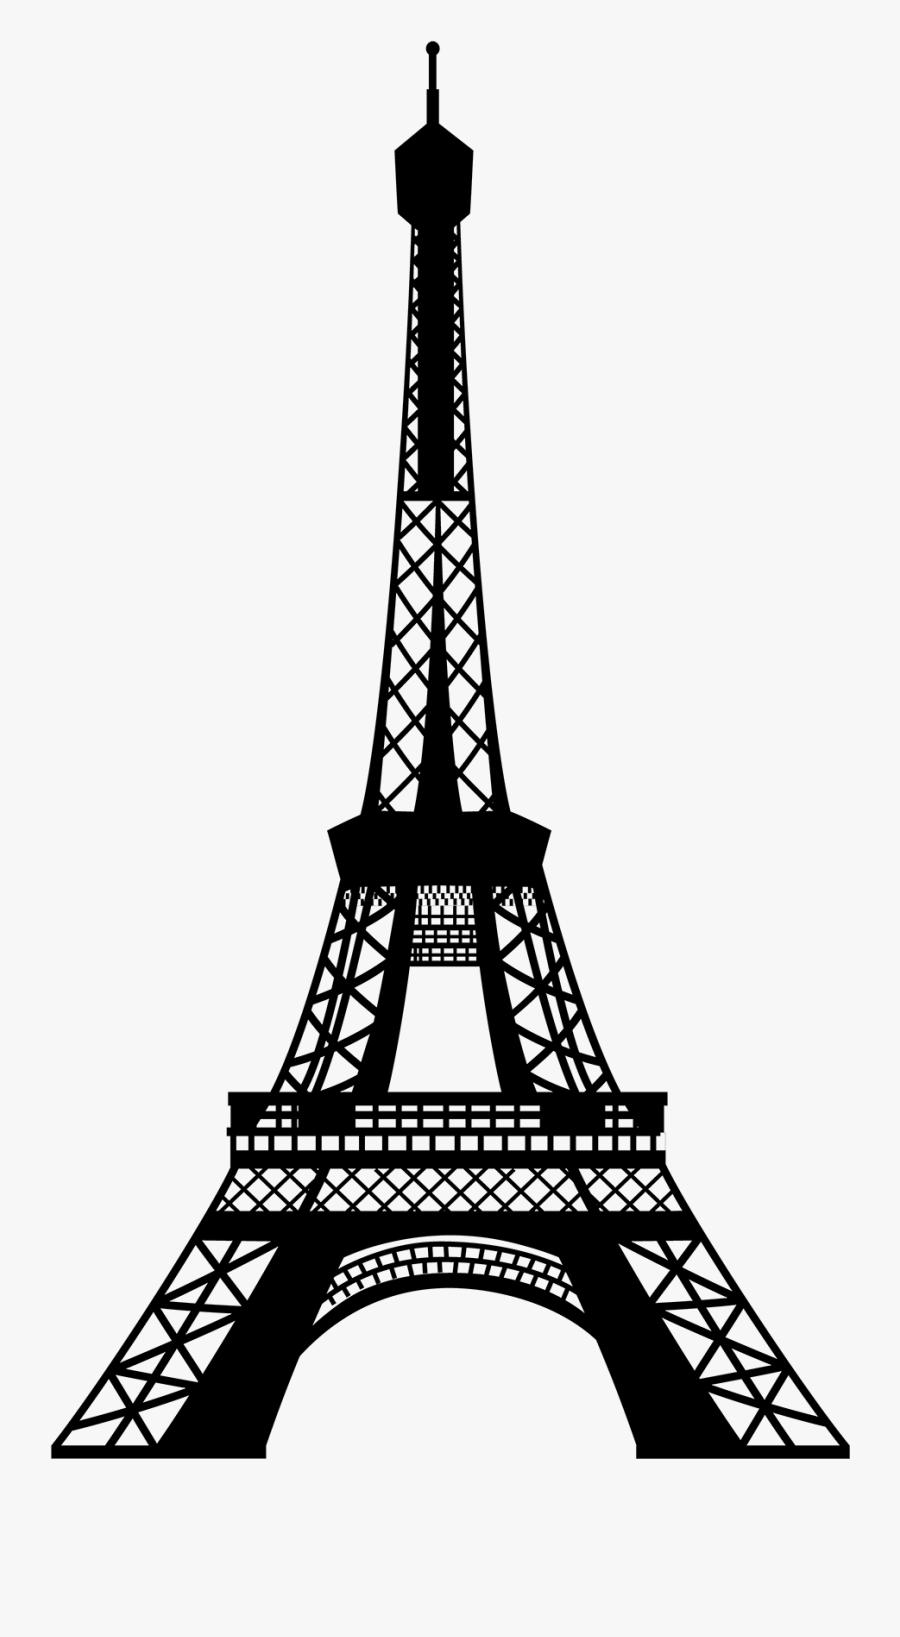 Eiffel Tower Png - Paris Eiffel Tower Clipart, Transparent Clipart